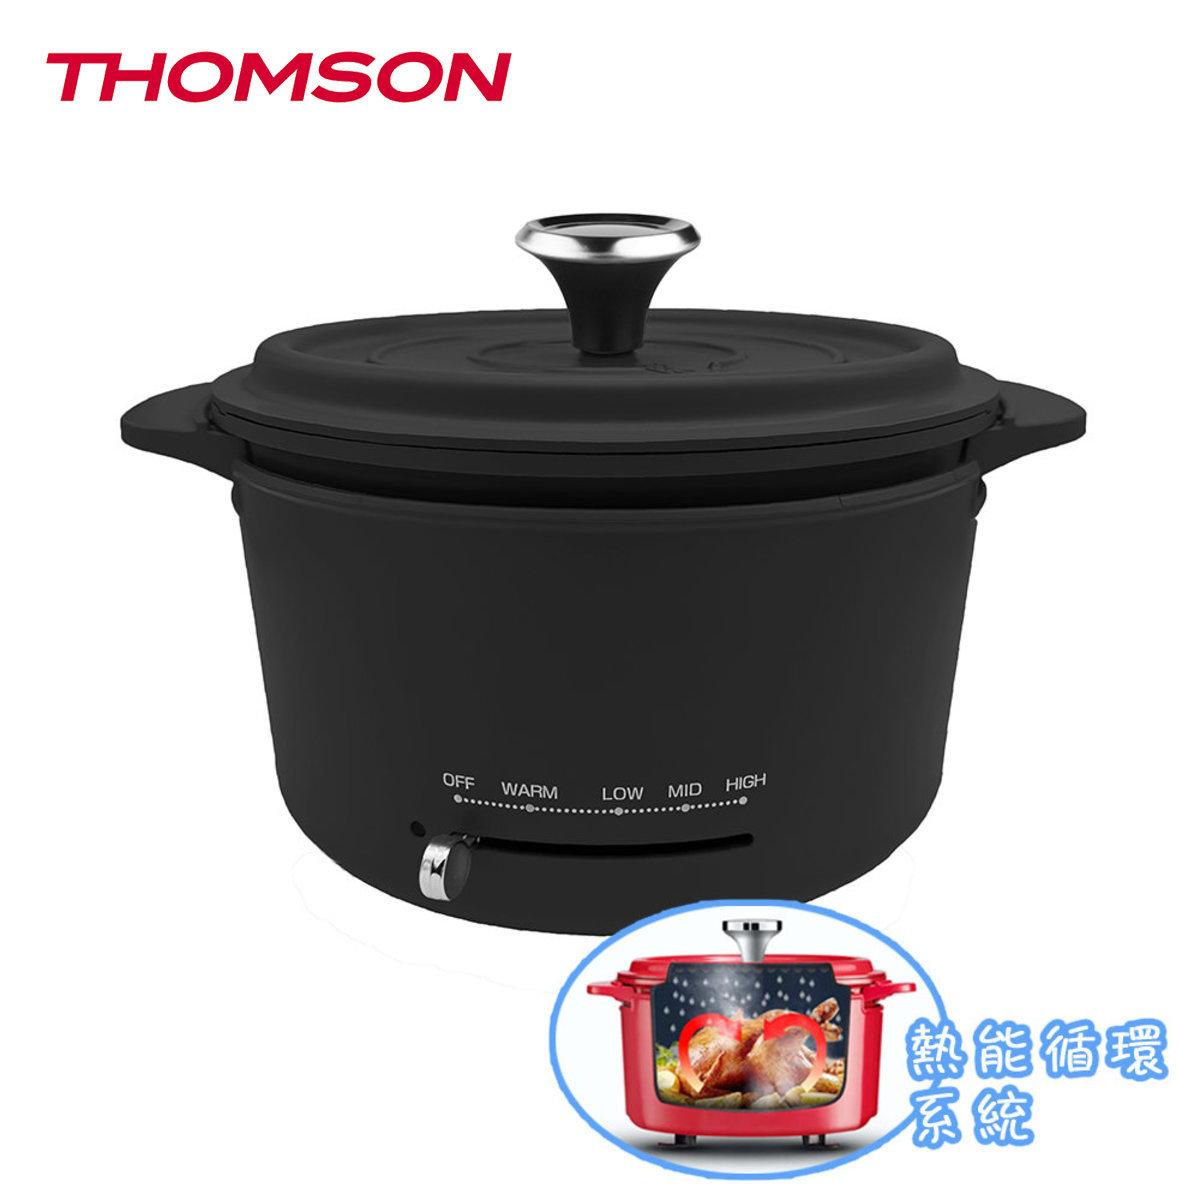 Electric ceramic cooking pot - TM-MCM002 (Black)